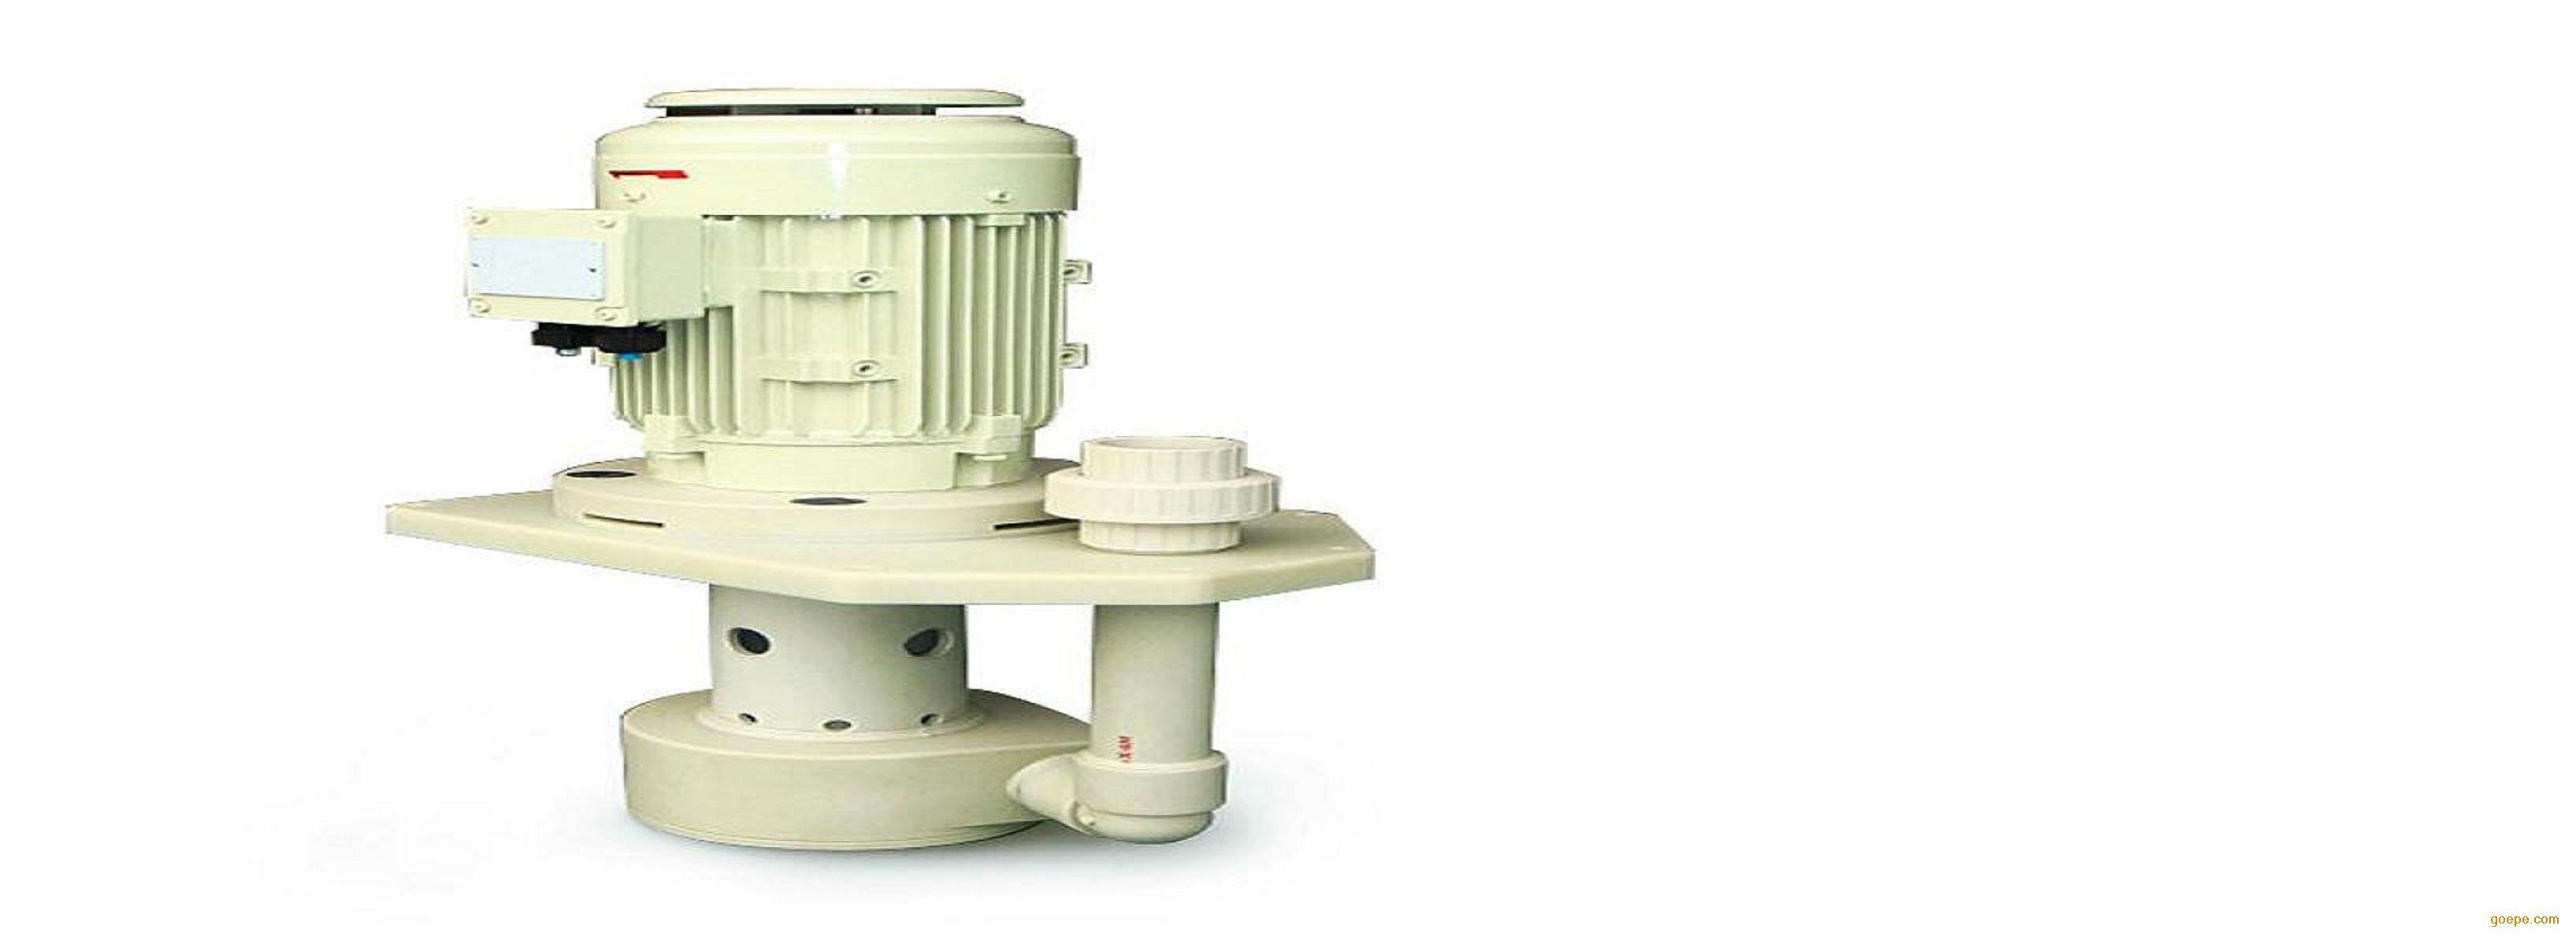 使用国宝直立式耐酸碱泵需要注意哪些事项?图片